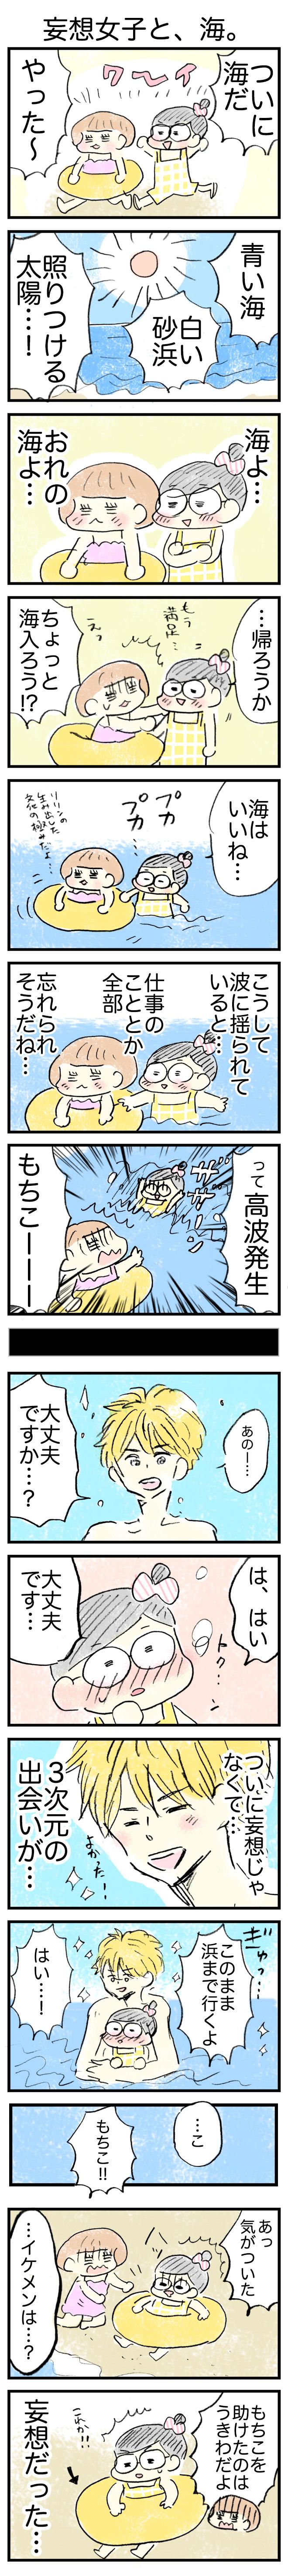 【漫画】妄想女子と、海。『もちことのんこ』第13回 作:おづまりこ